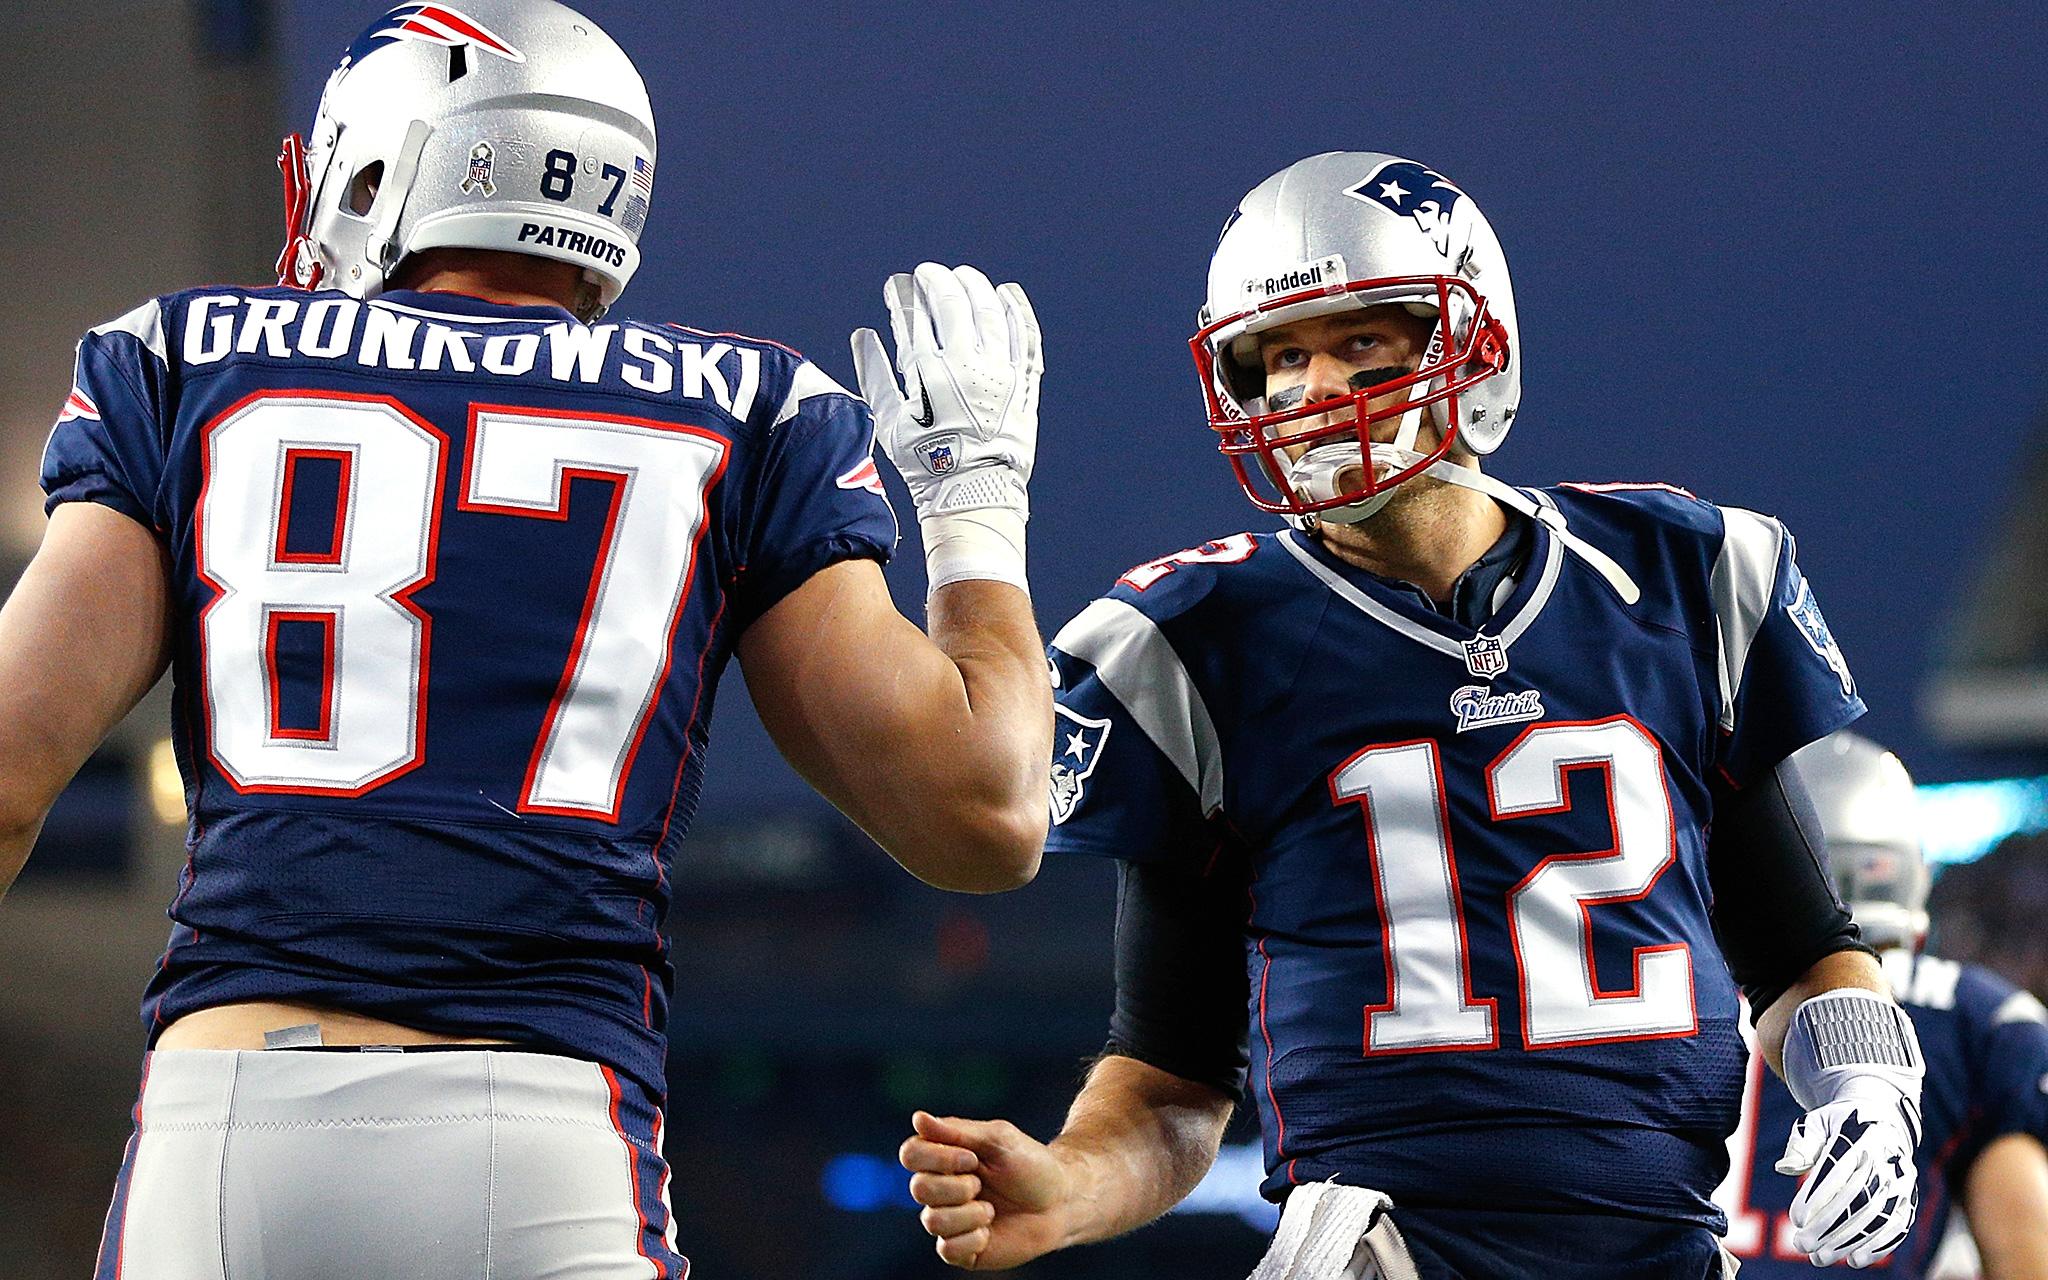 Gronkowski and Brady